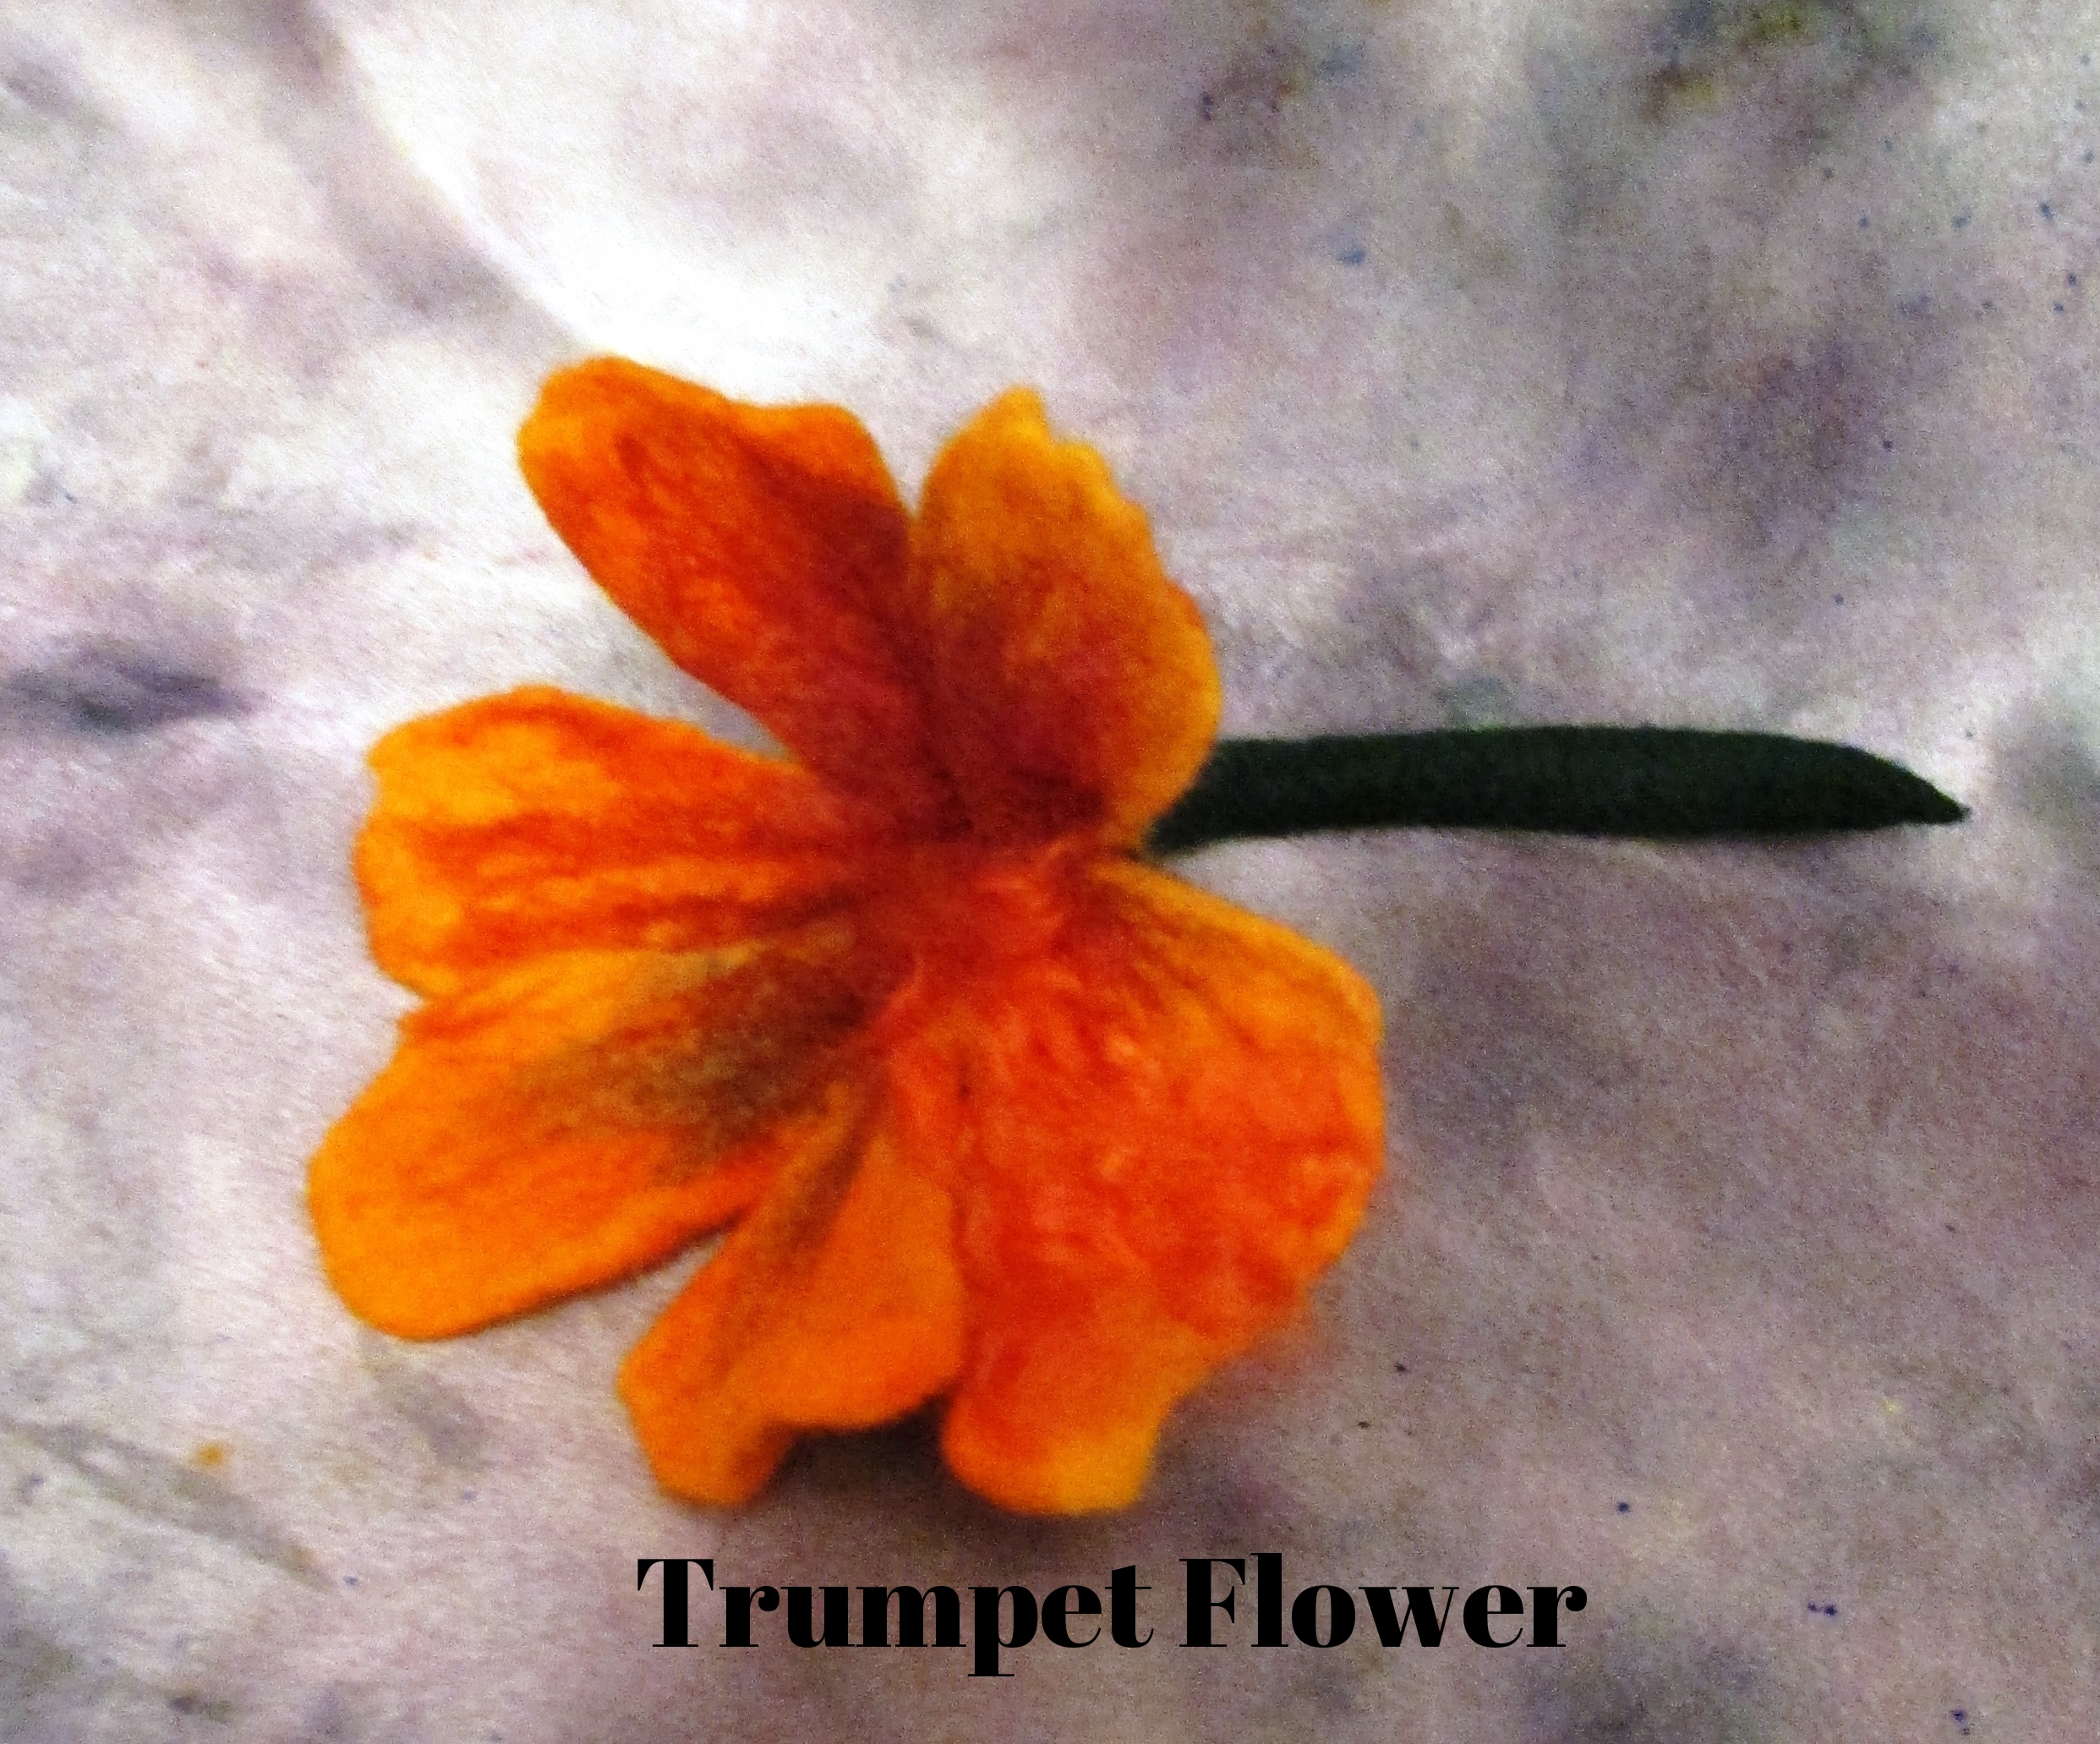 trumpet flowers.JPG